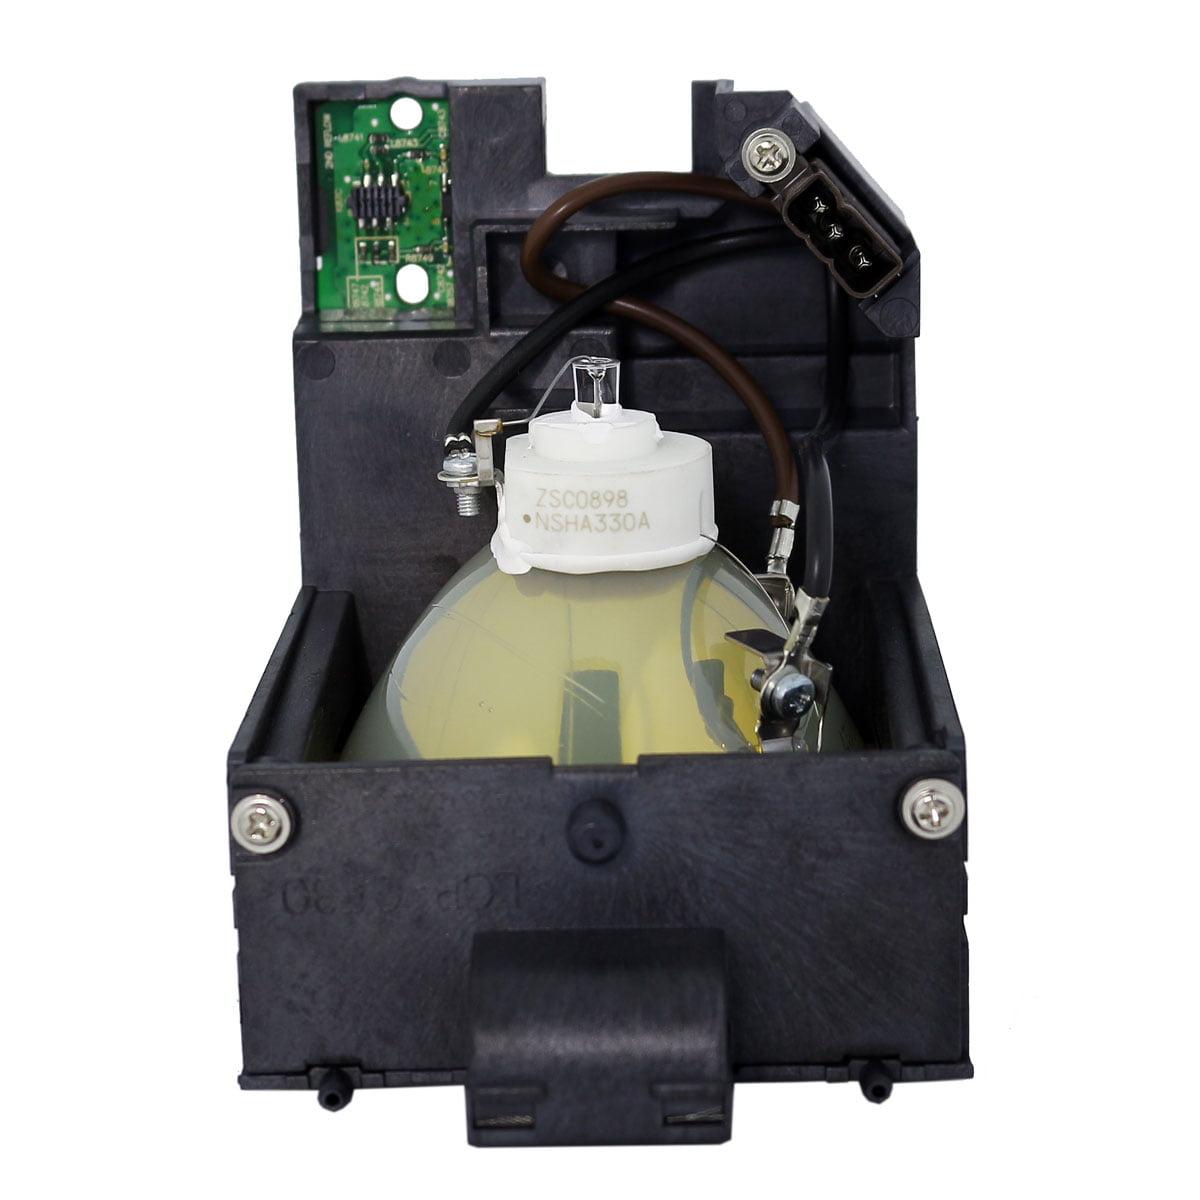 Premium Projector Lamp for Sanyo 6103422626,610 342 2626,610-342-2626,PLC-WTC500AL,PLC-WTC500L,PLC-XTC50L,POA-LMP125